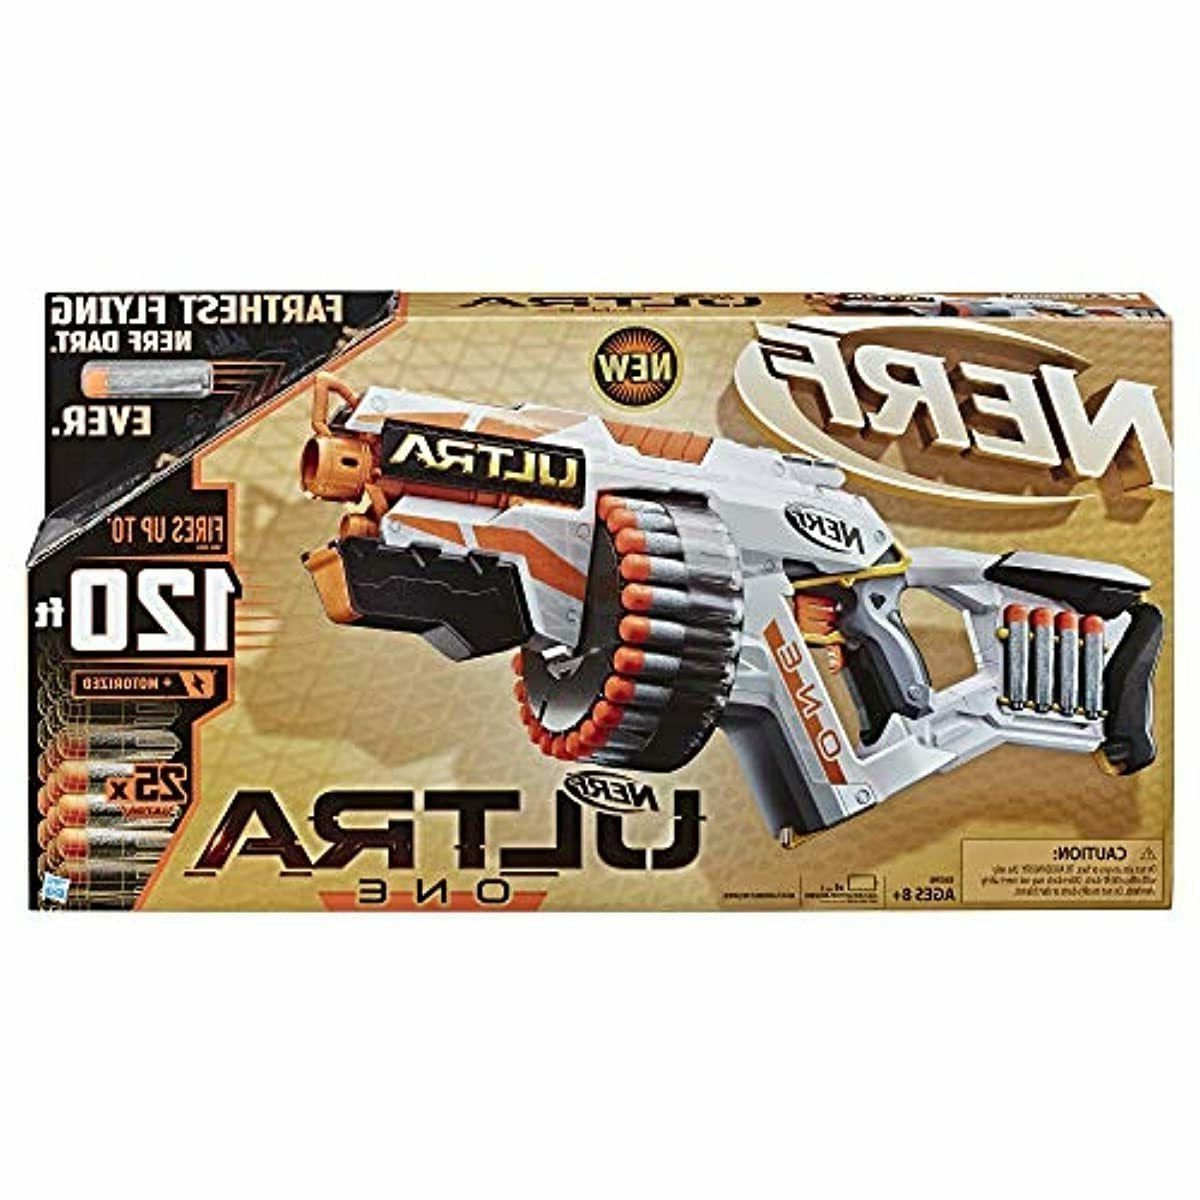 NERF Ultra One Motorized Blaster Gun Toy 25 Foam Darts Bullets Kids Outdoor Play